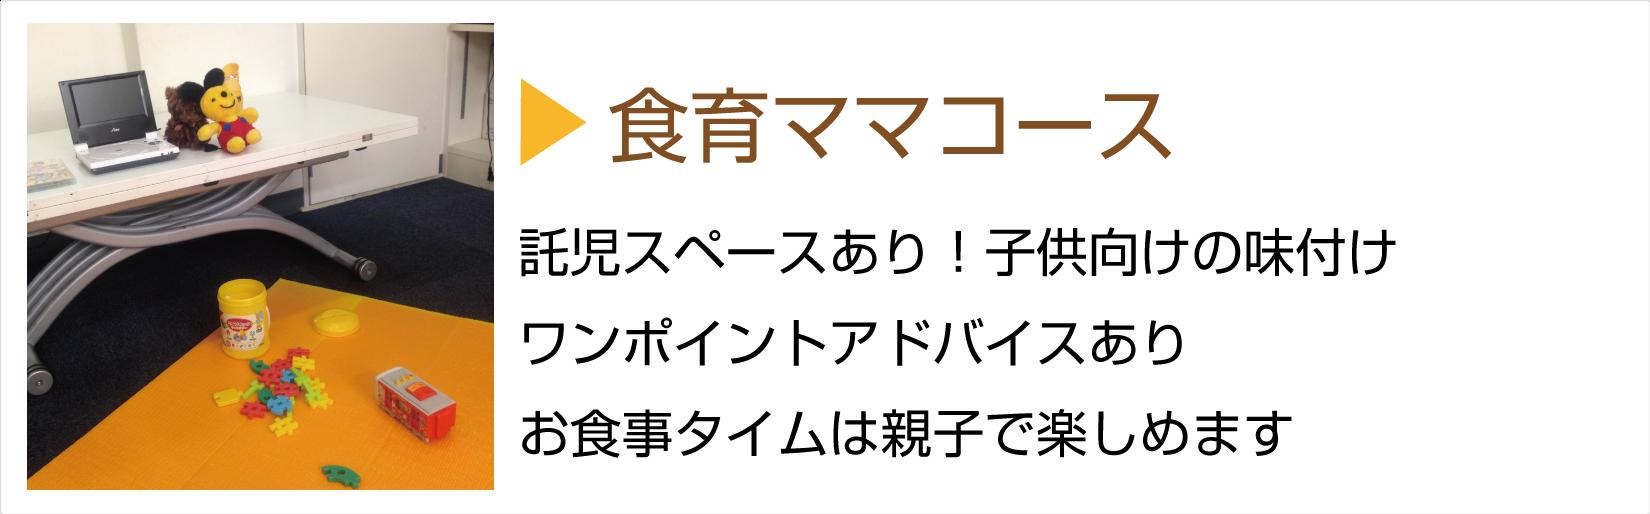 槻谷銀座料理教室食育ママコース